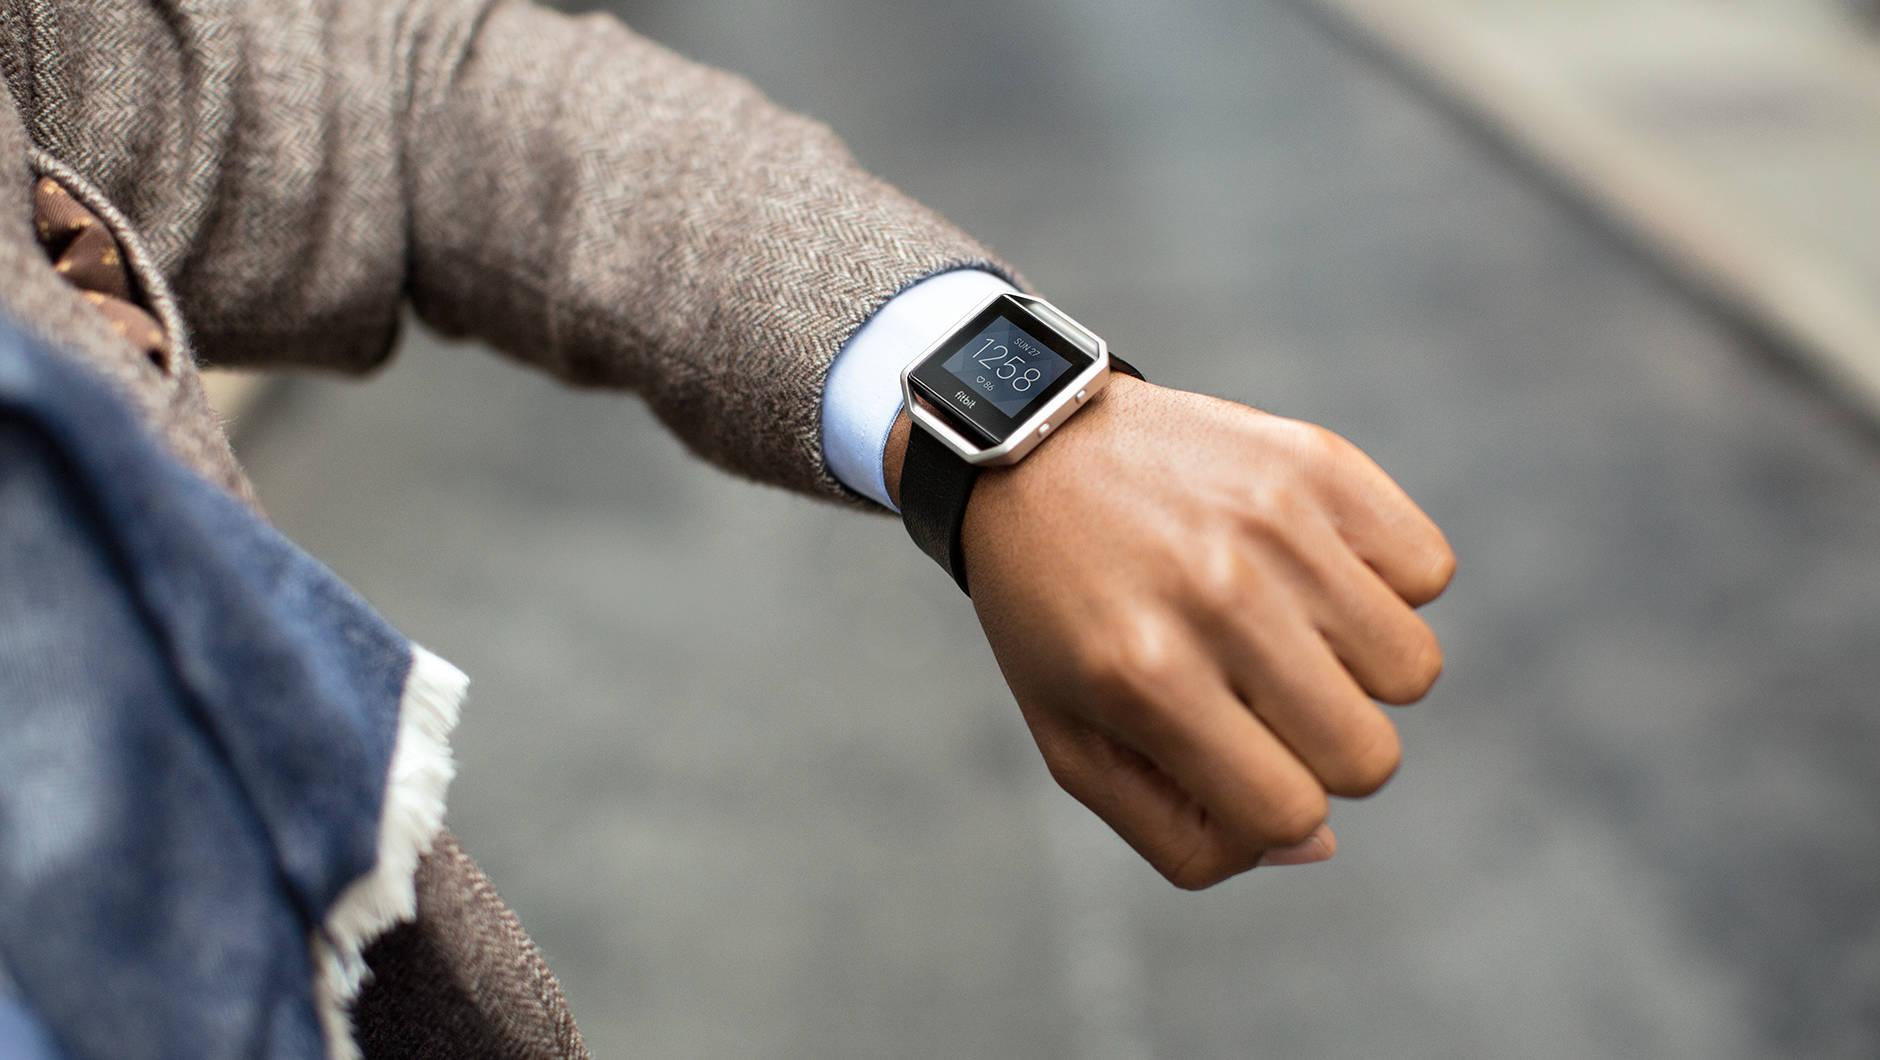 Fitbit Blaze diventa ancora più smart(watch) con l'ultimo aggiornamento (foto)